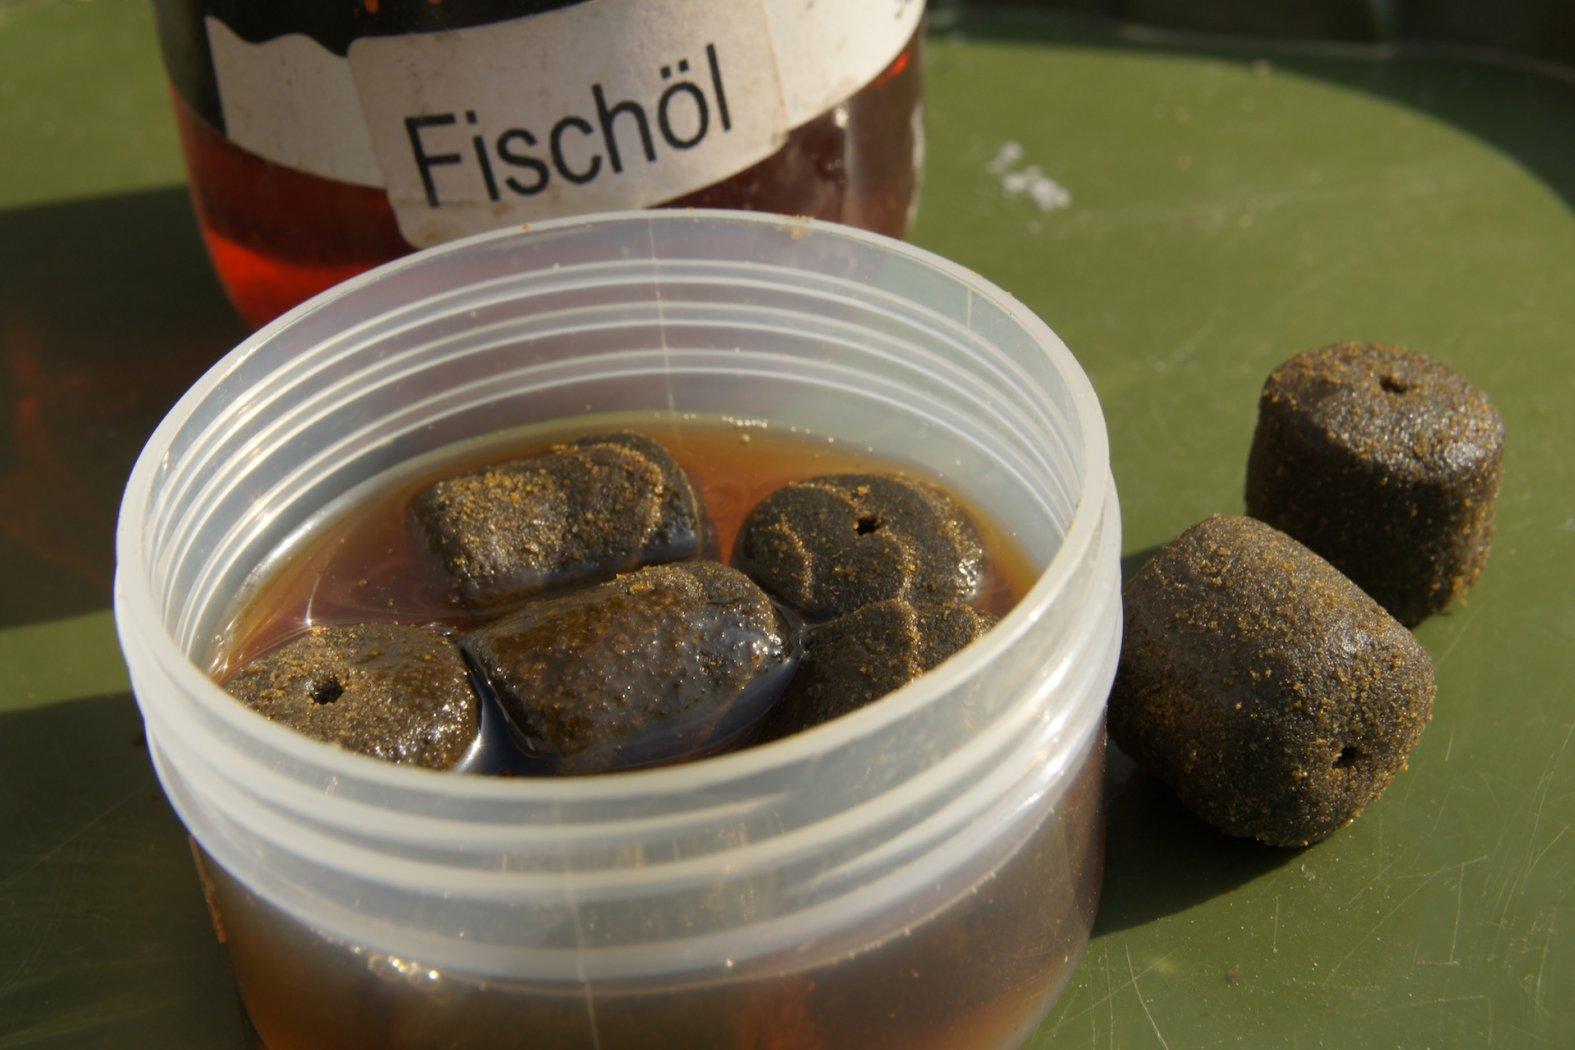 Zum Karpfenangeln: Halibut Pellets in Fischöl